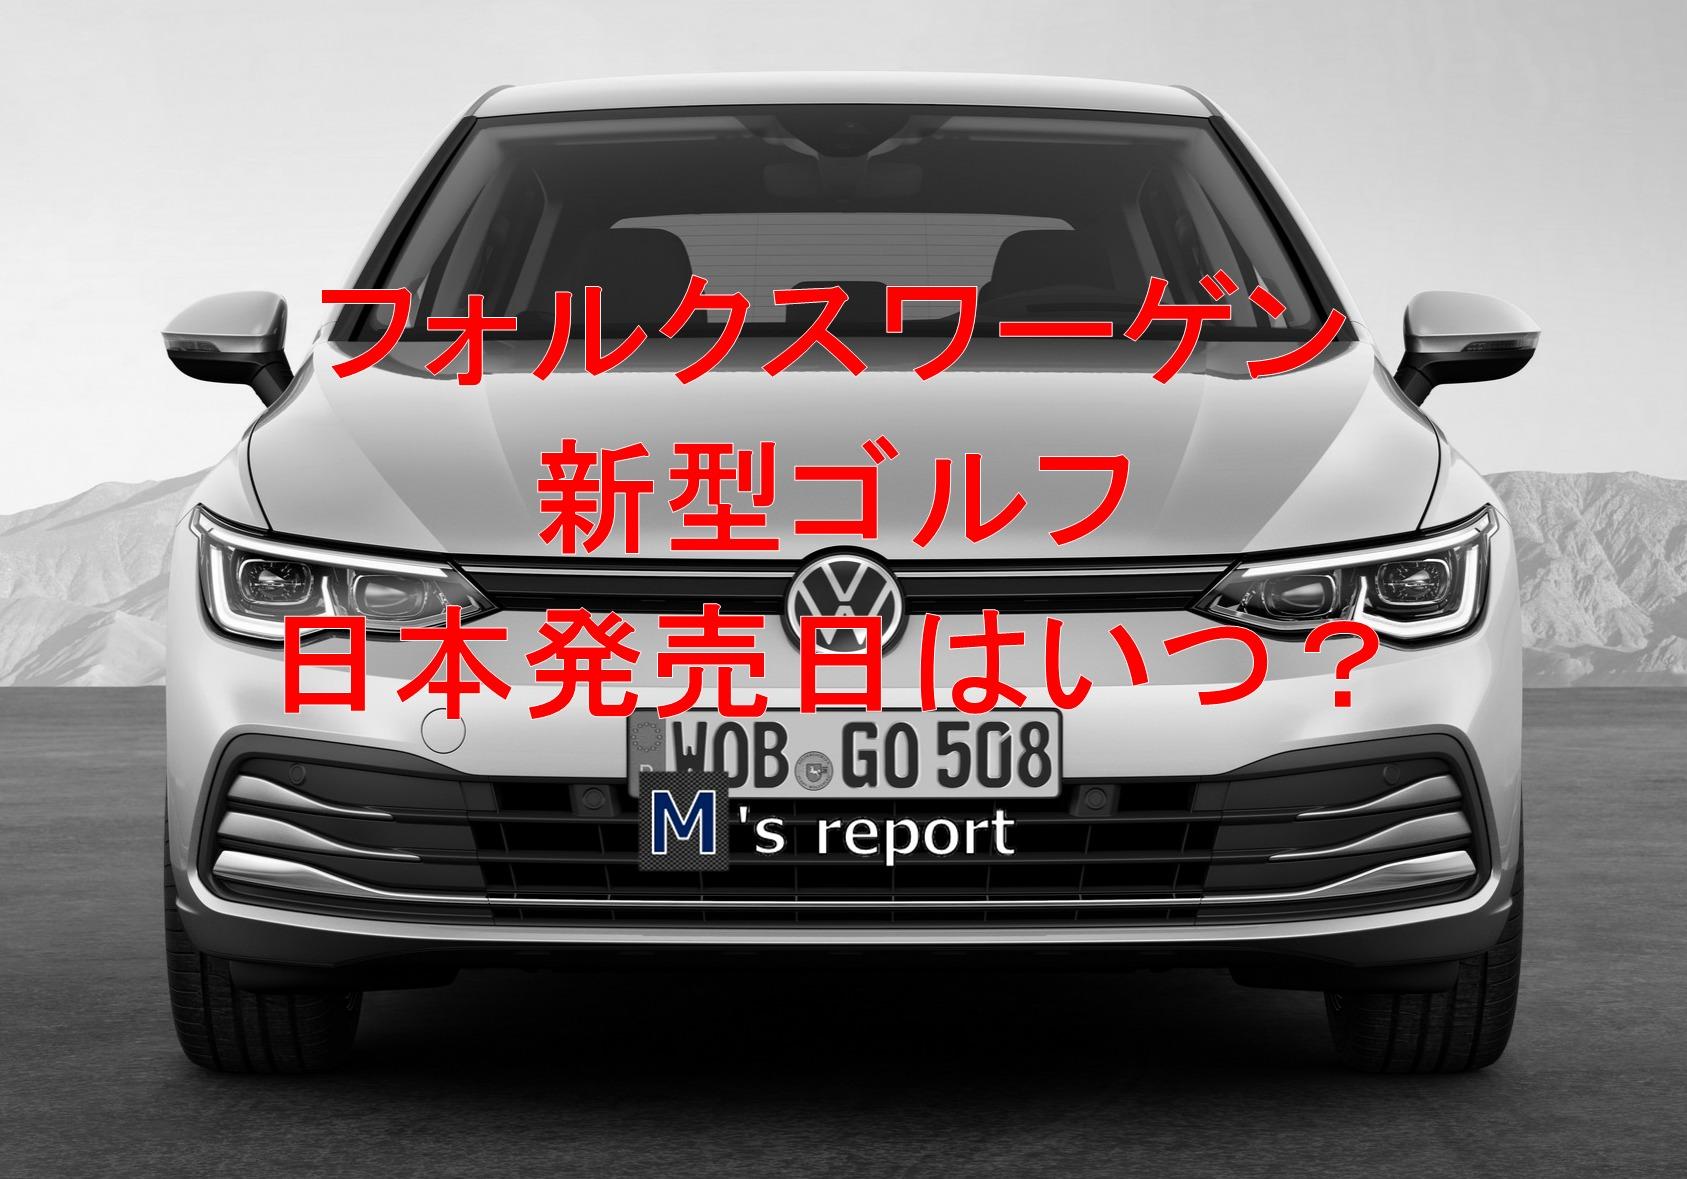 VWフォルクスワーゲン新型「Golf(ゴルフ)」の日本発売日はいつ?